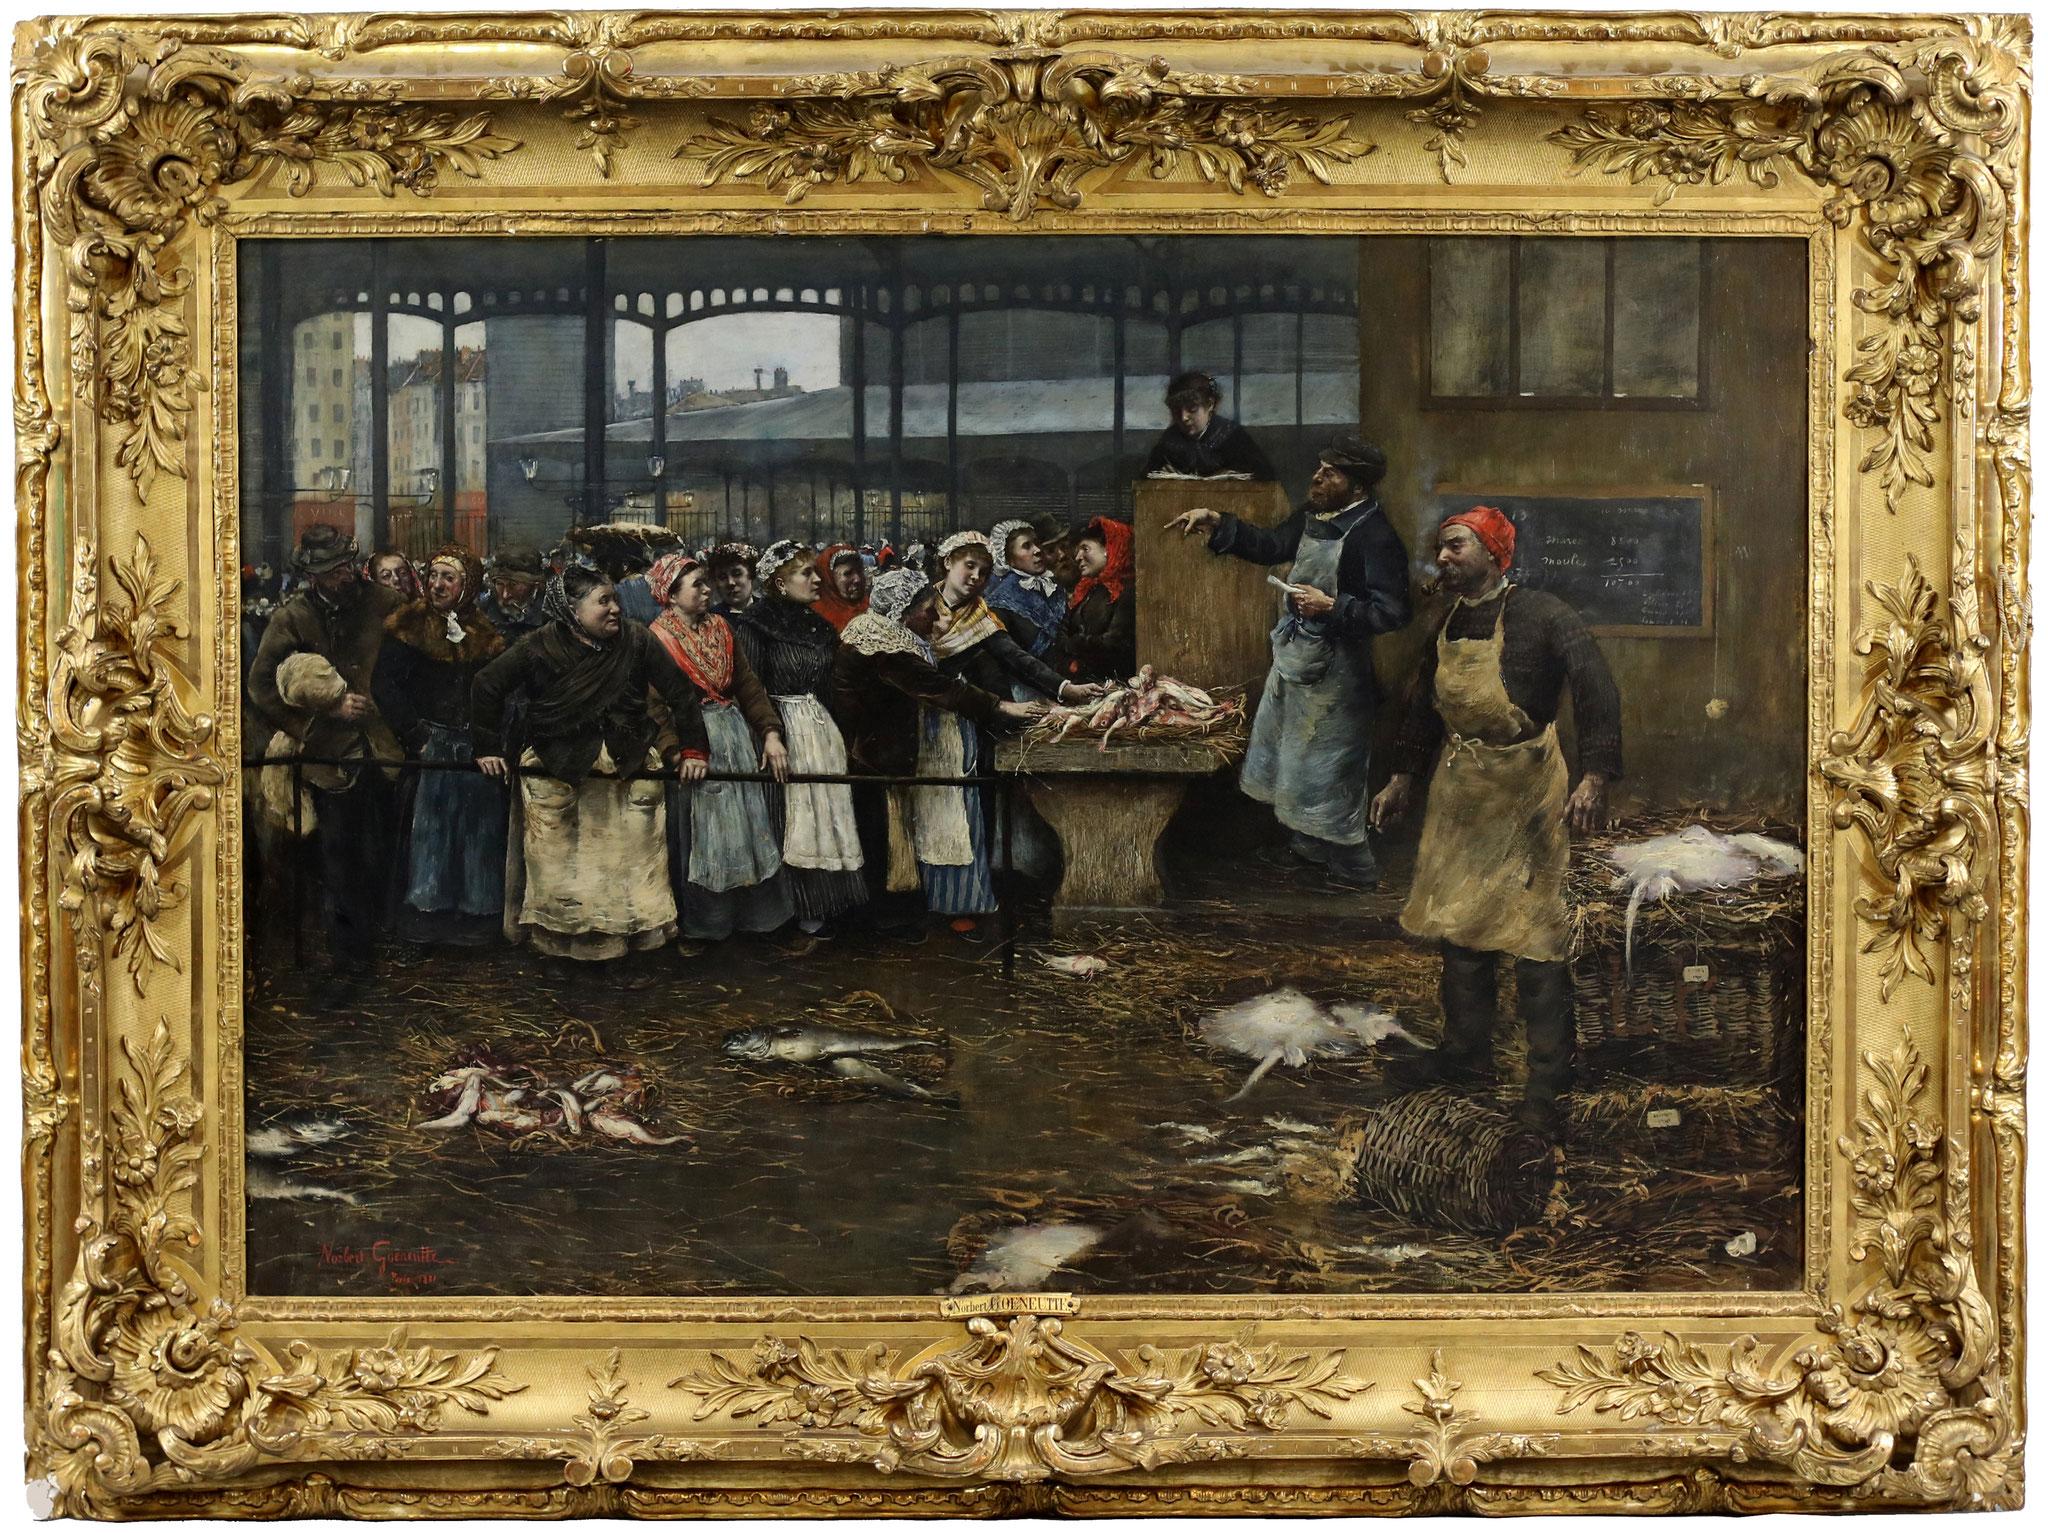 Adjugé 57 150 € - GOENEUTTE Norbert , La criée, Les Halles, Paris, 1881, huile sur toile, 101 x 146 cm